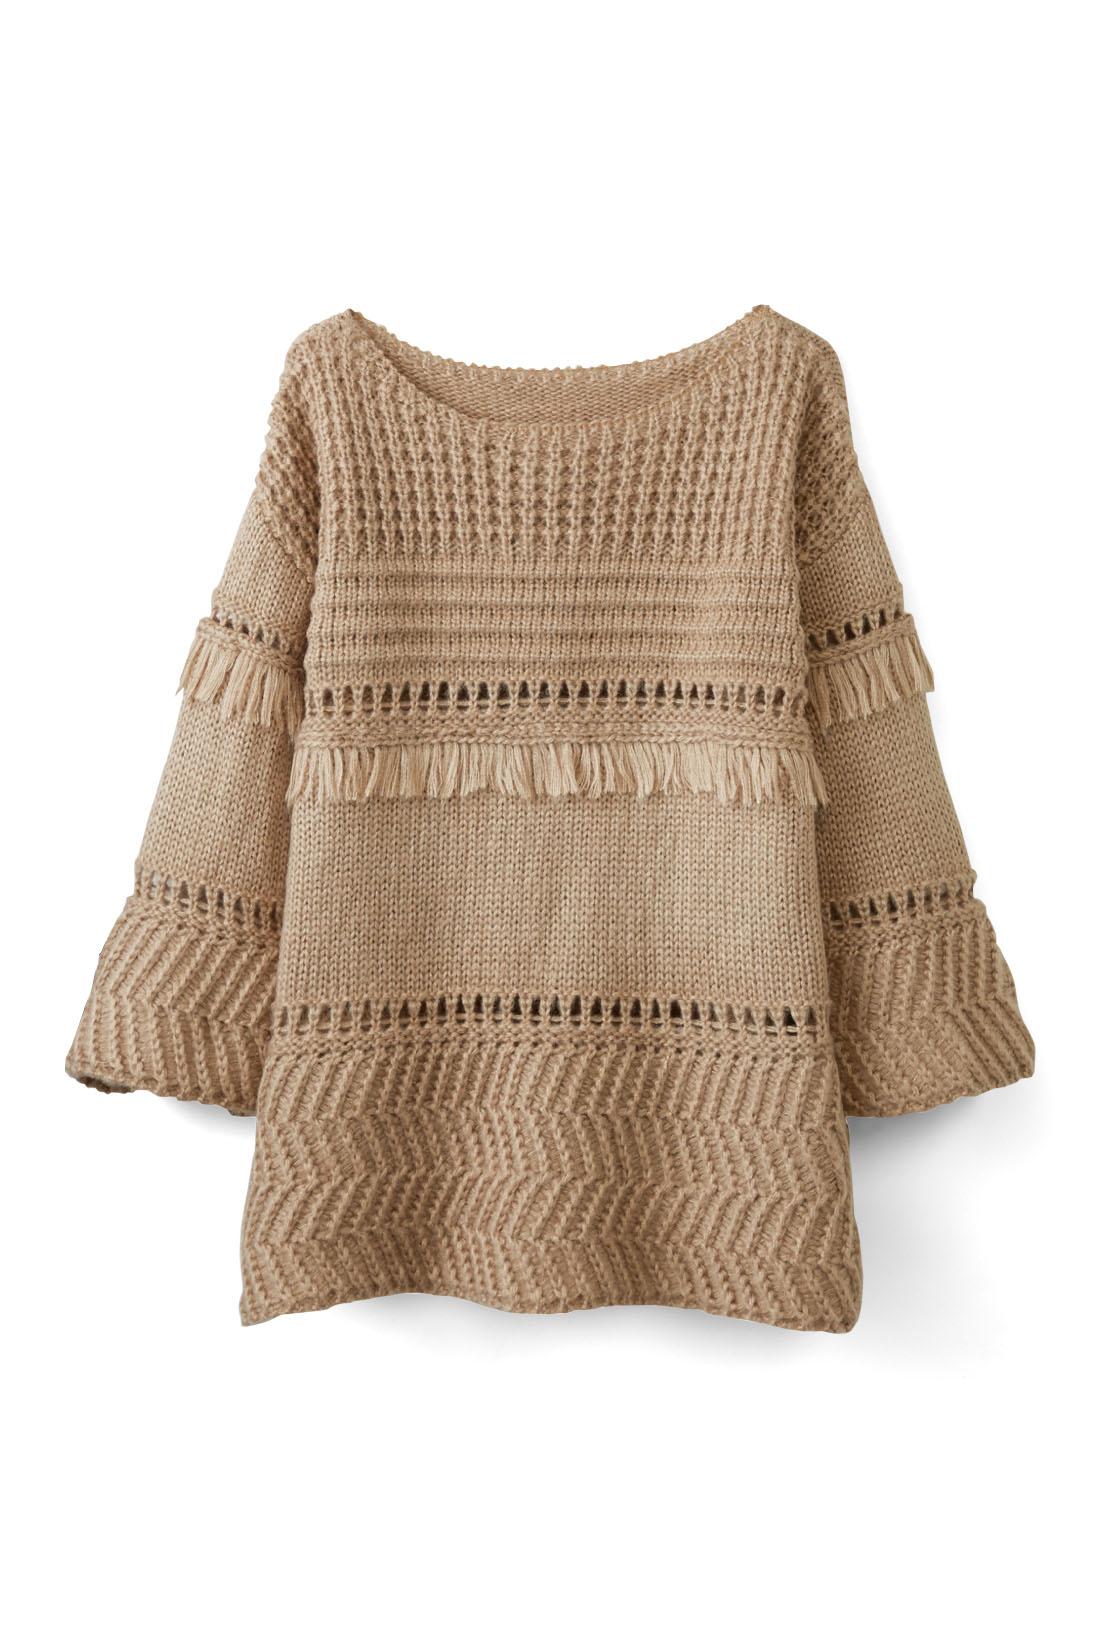 タートルに透かし編みニットを重ねて、冬コーデにスイッチ。ワントーンでまとめて、ベージュのやさしい魅力を生かしたスタイルに。